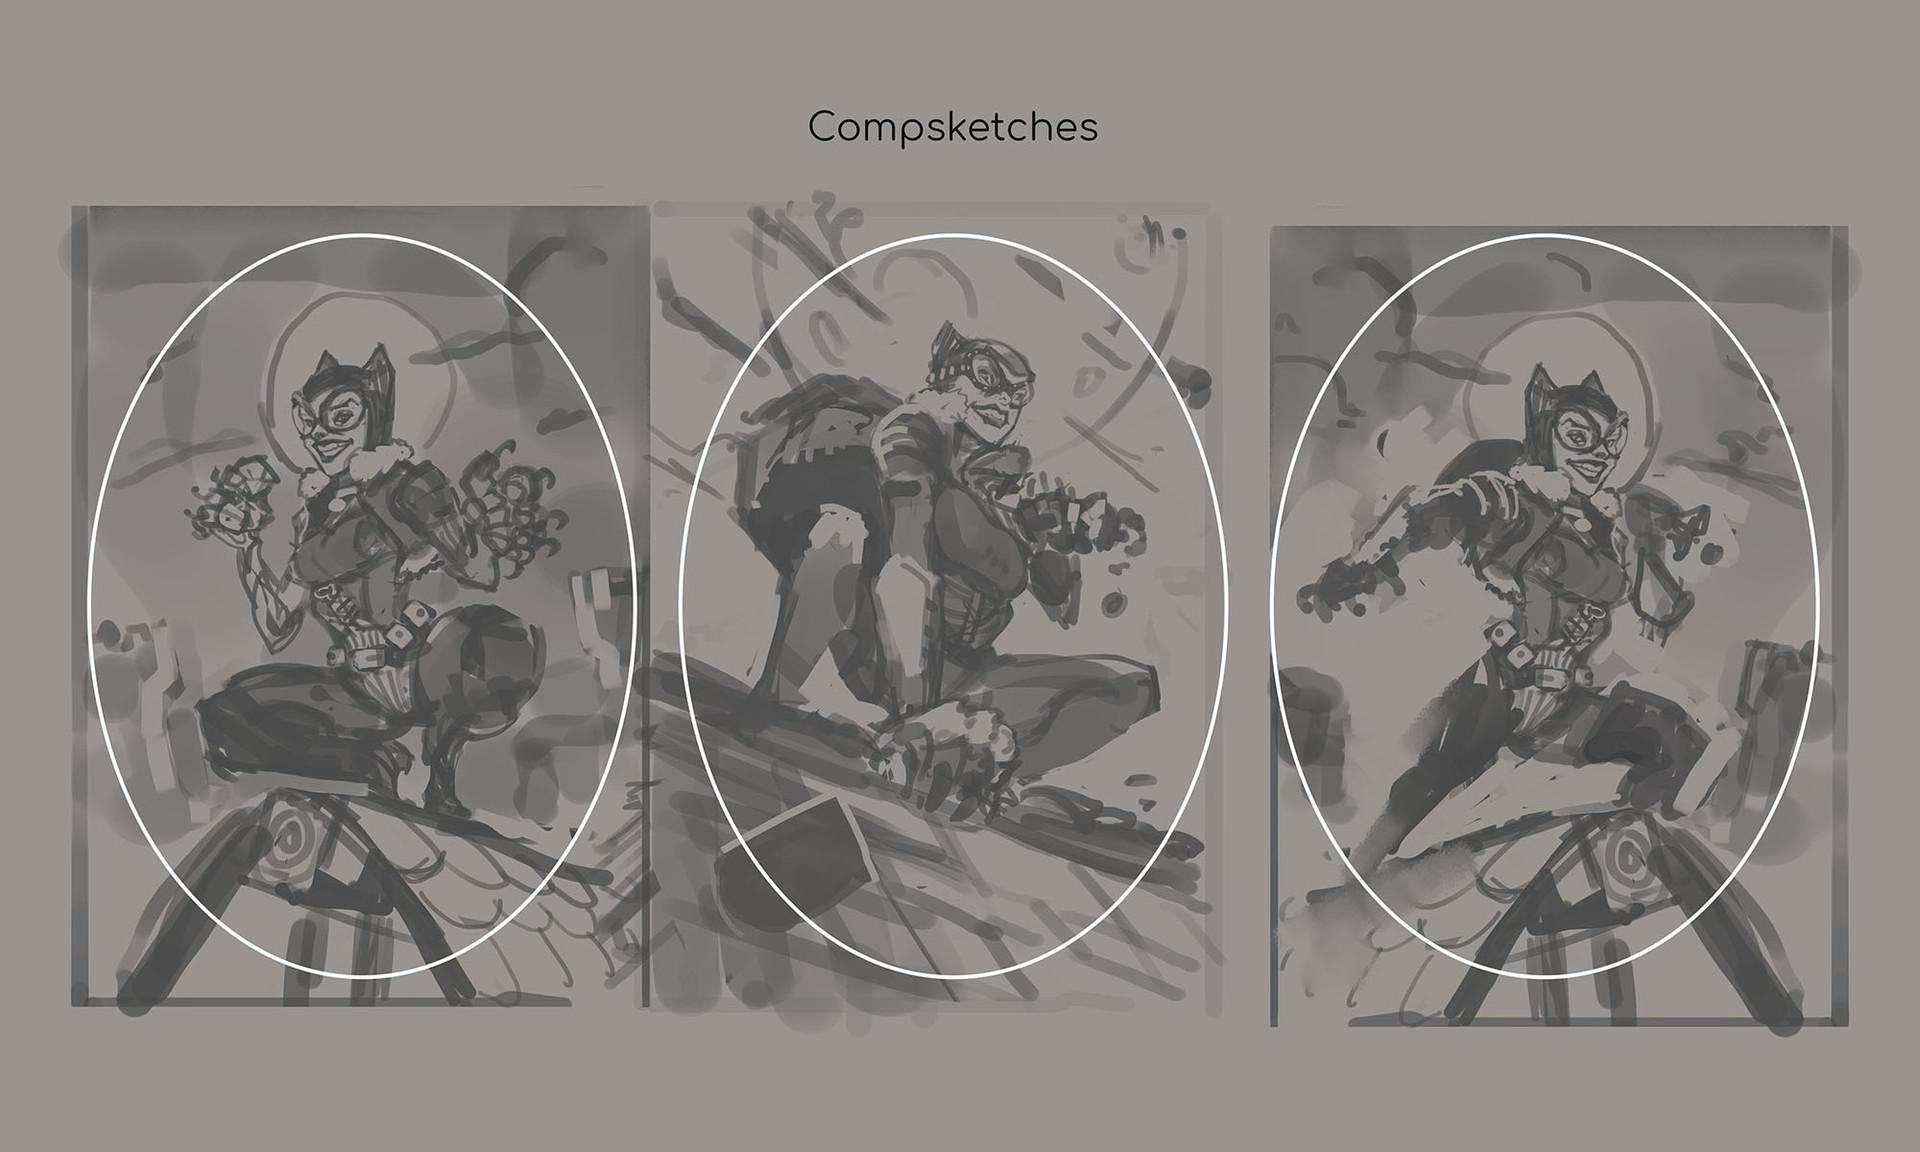 adjusting the design to fit the illustration